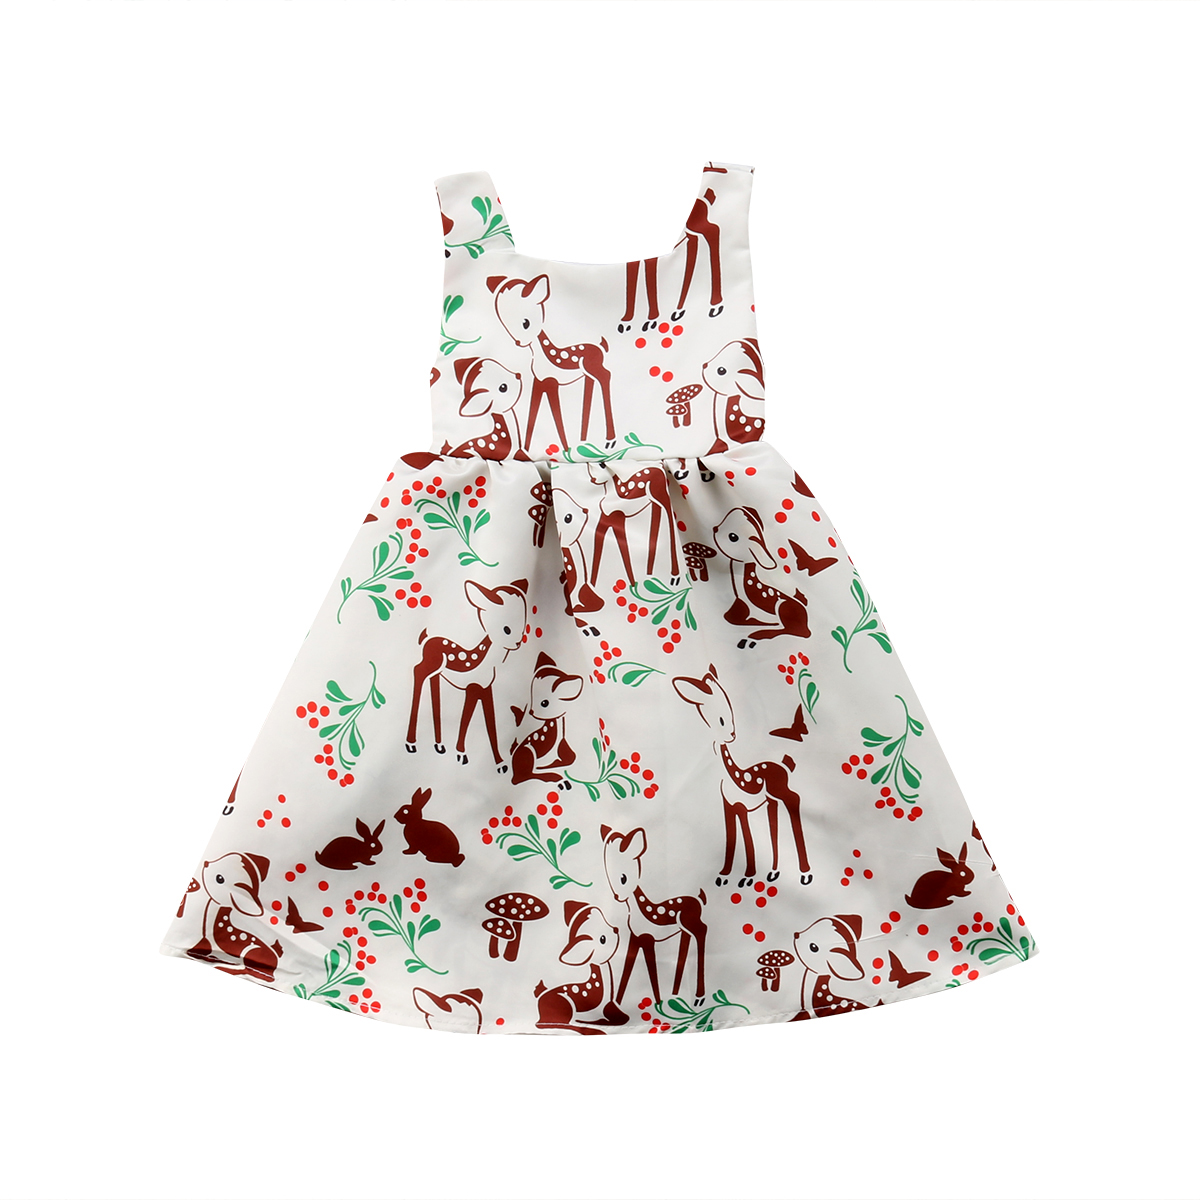 100% QualitäT Neugeborenen Kleinkind Baby Mädchen Sommer Floral Kleider Prinzessin Party Kleid Sommerkleid Kleidung